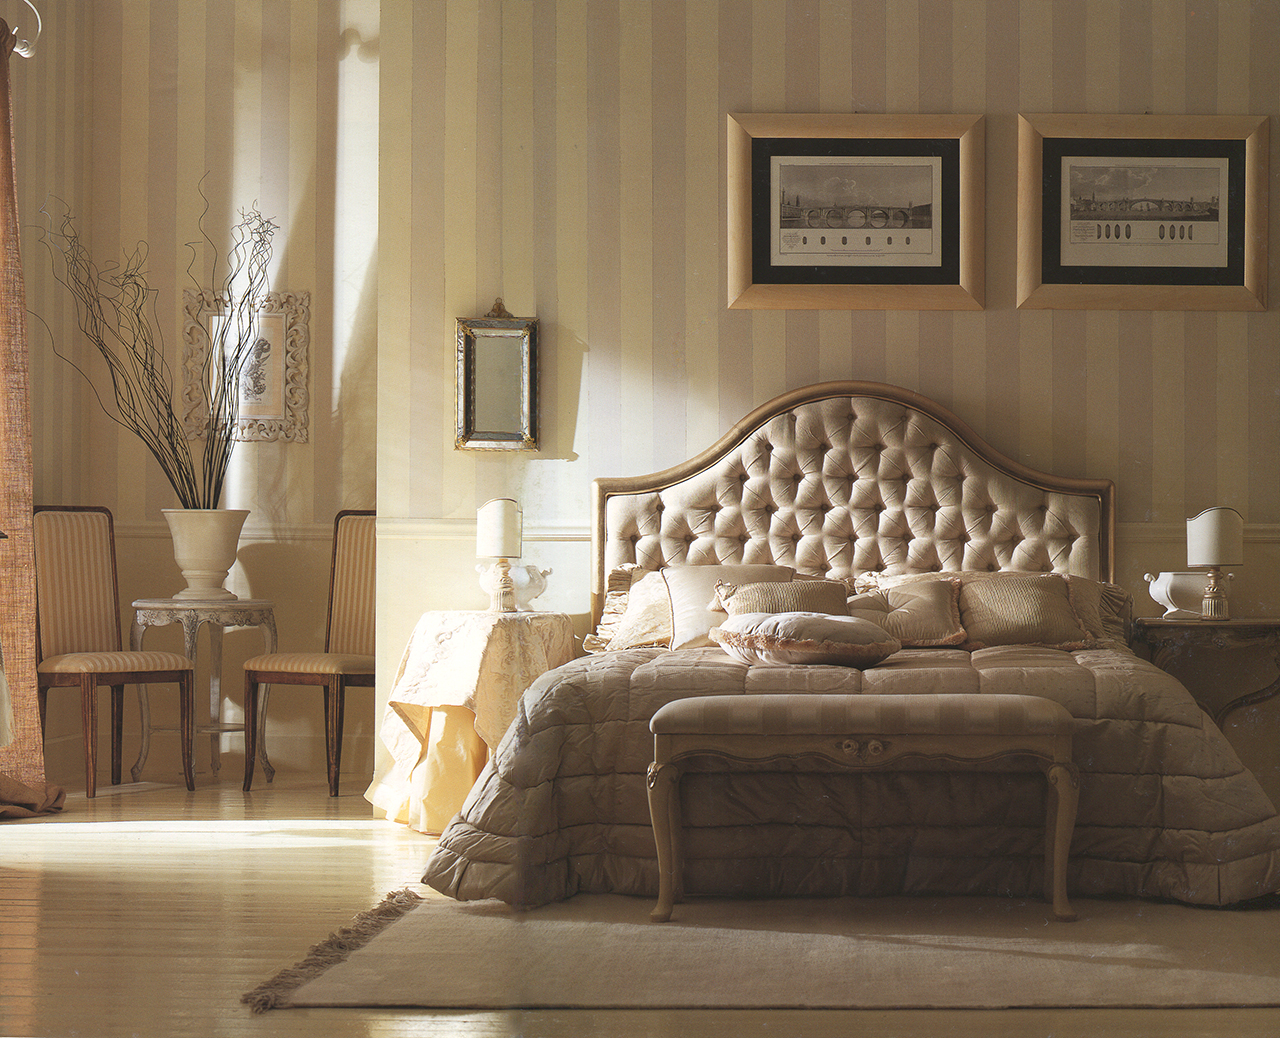 Кремово-коричневая мебель в классическом интерьере спальни